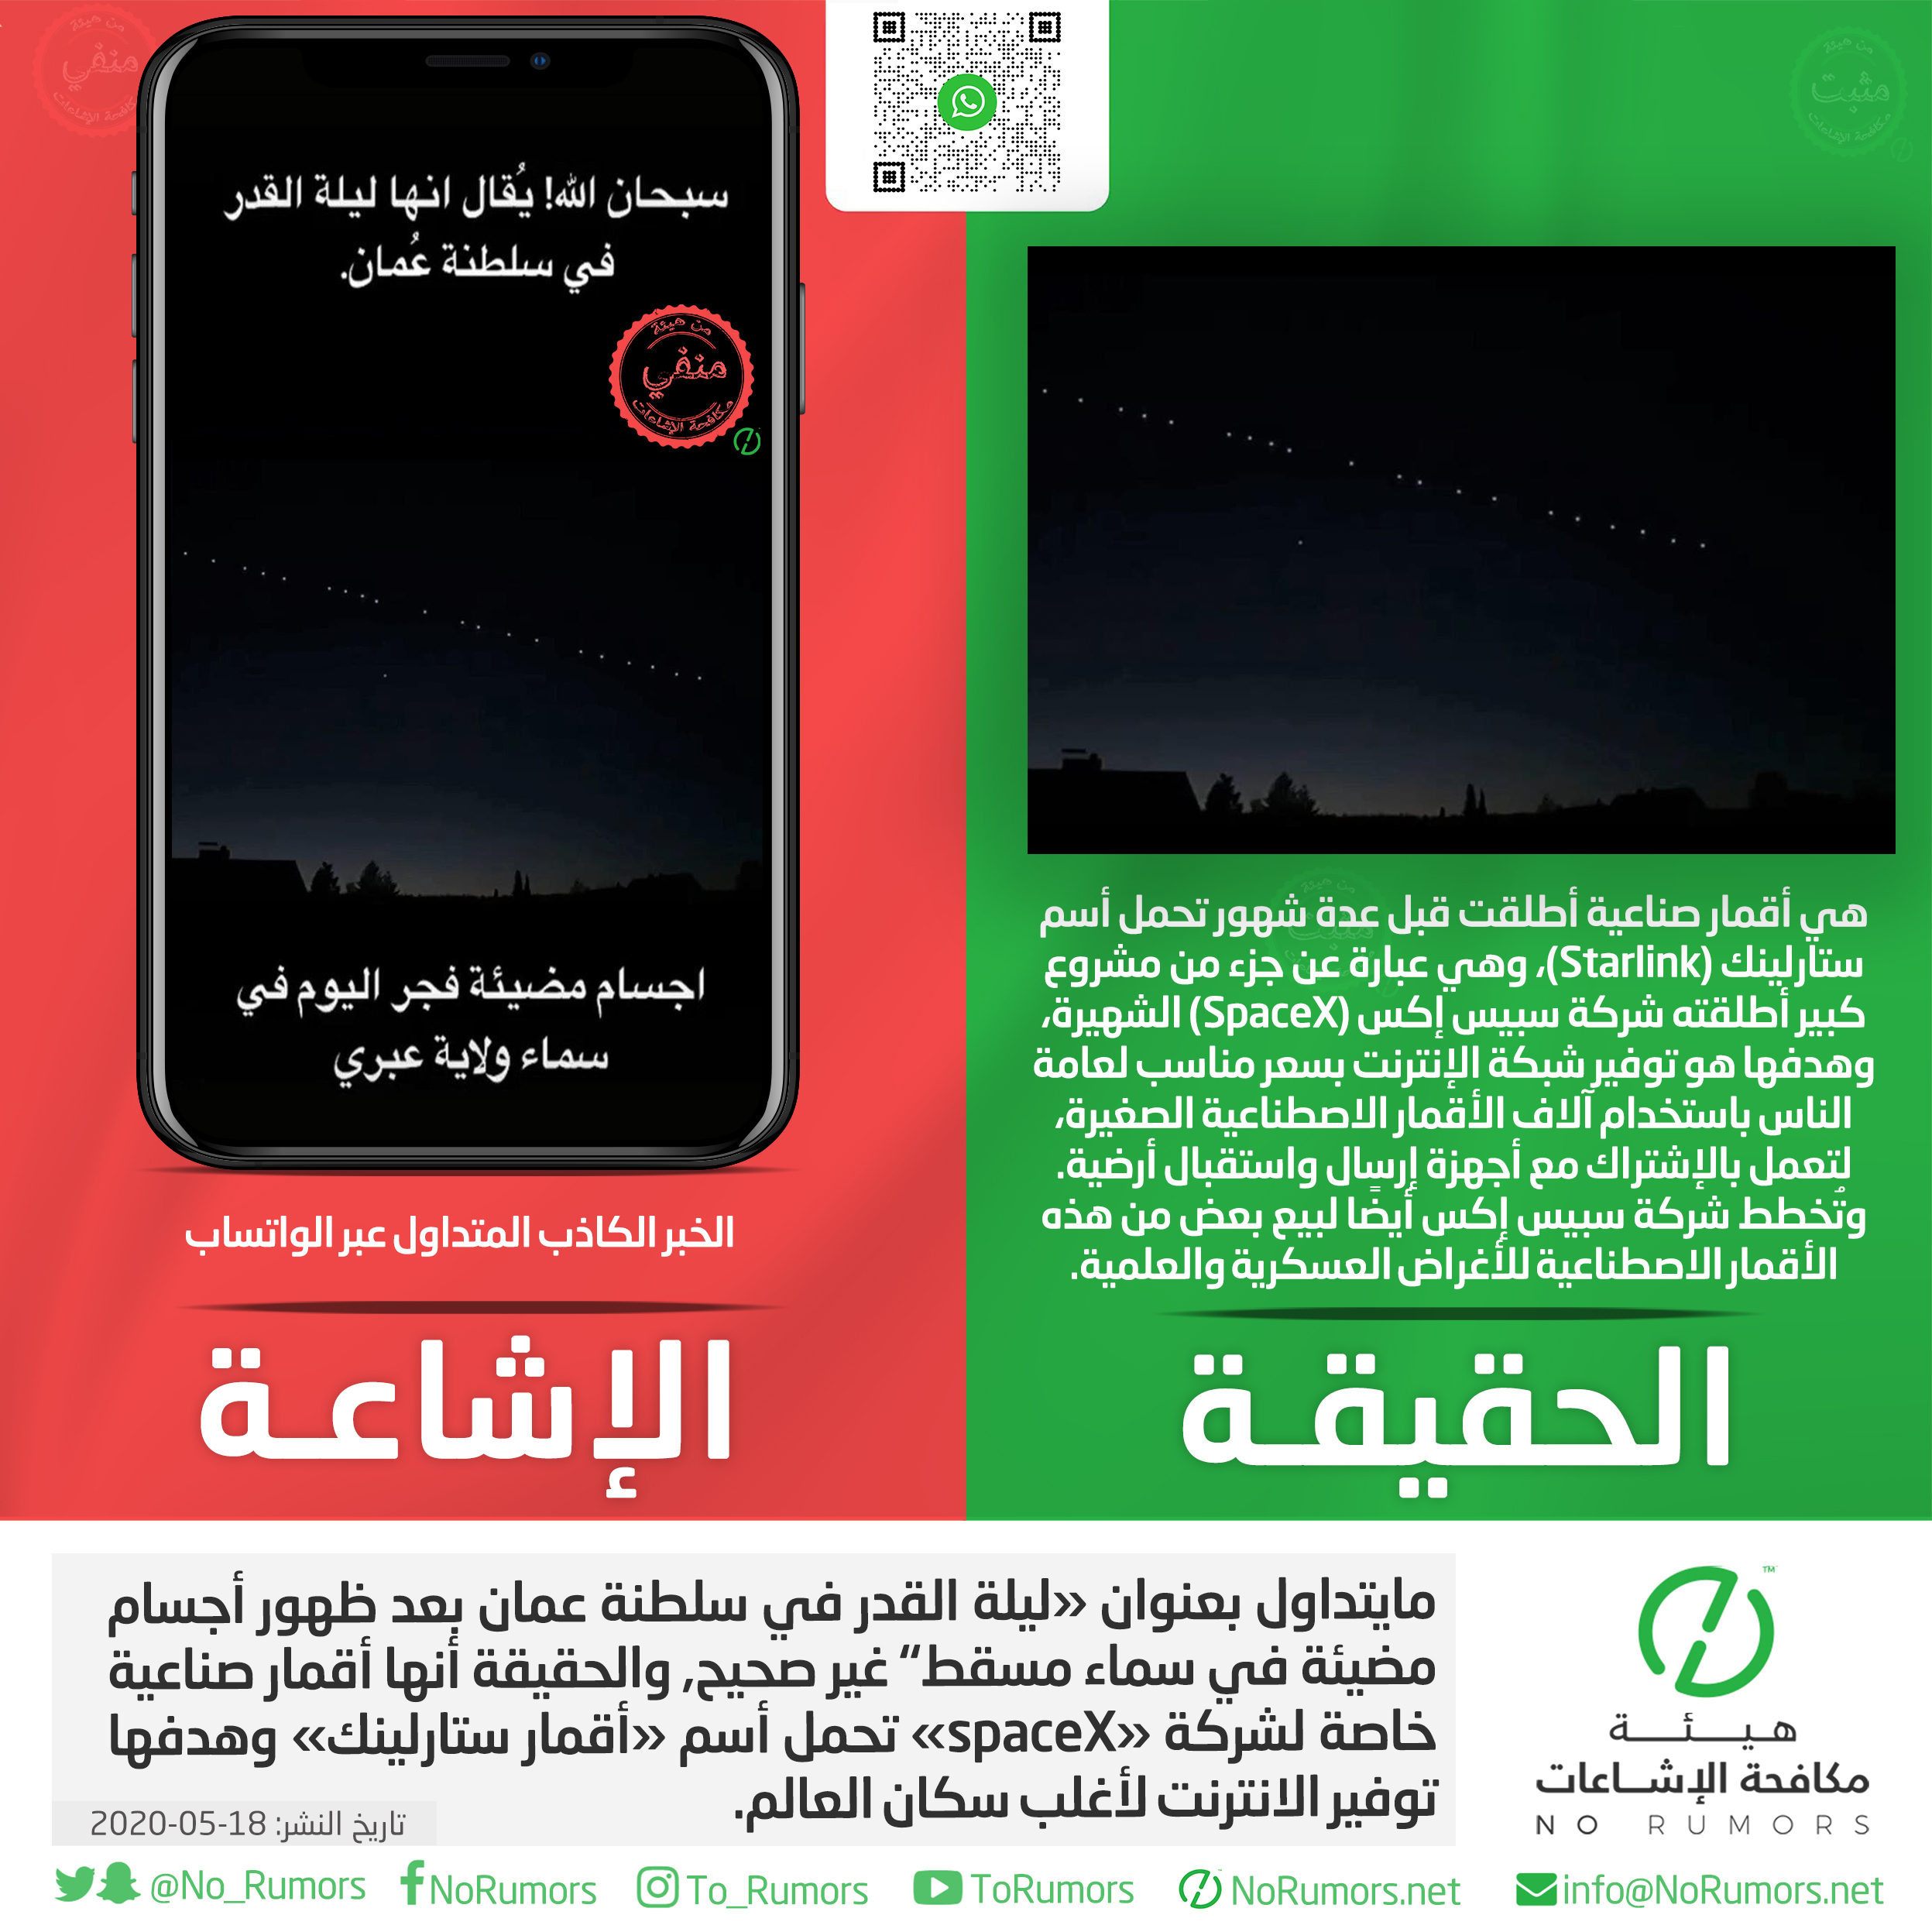 """حقيقة مايتداول بعنوان «ليلة القدر في سلطنة عمان بعد ظهور أجسام مضيئة في سماء مسقط"""""""